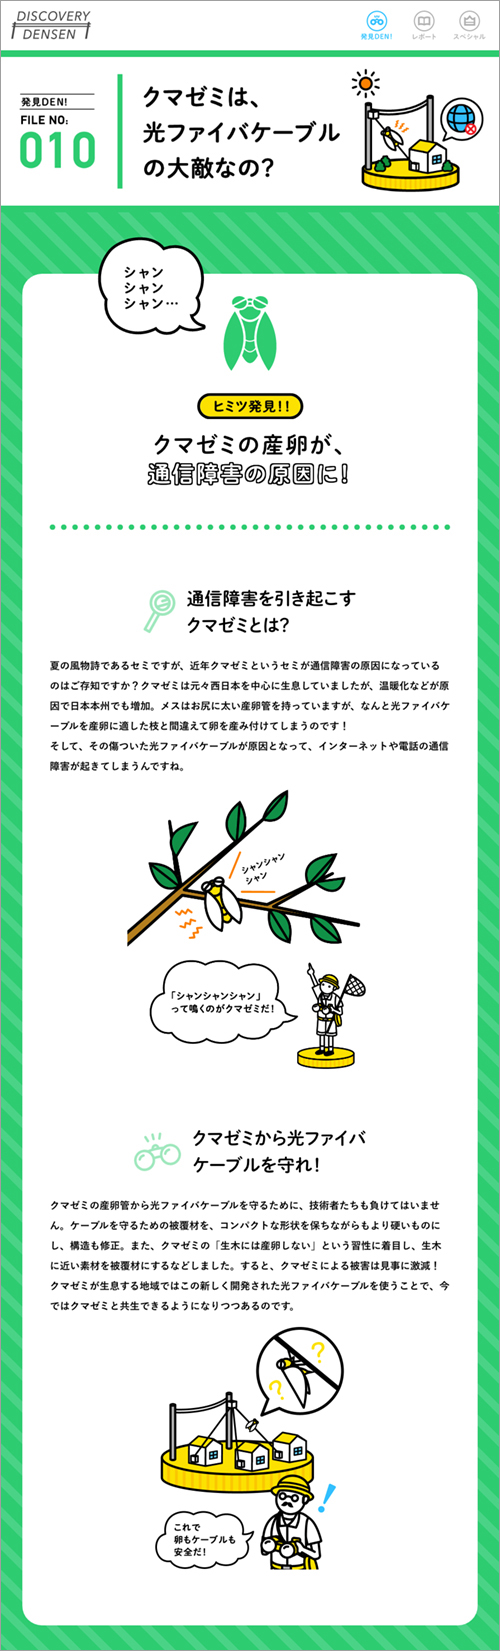 宇野将司が描いたセミをつかまえる探検隊や家のイラスト